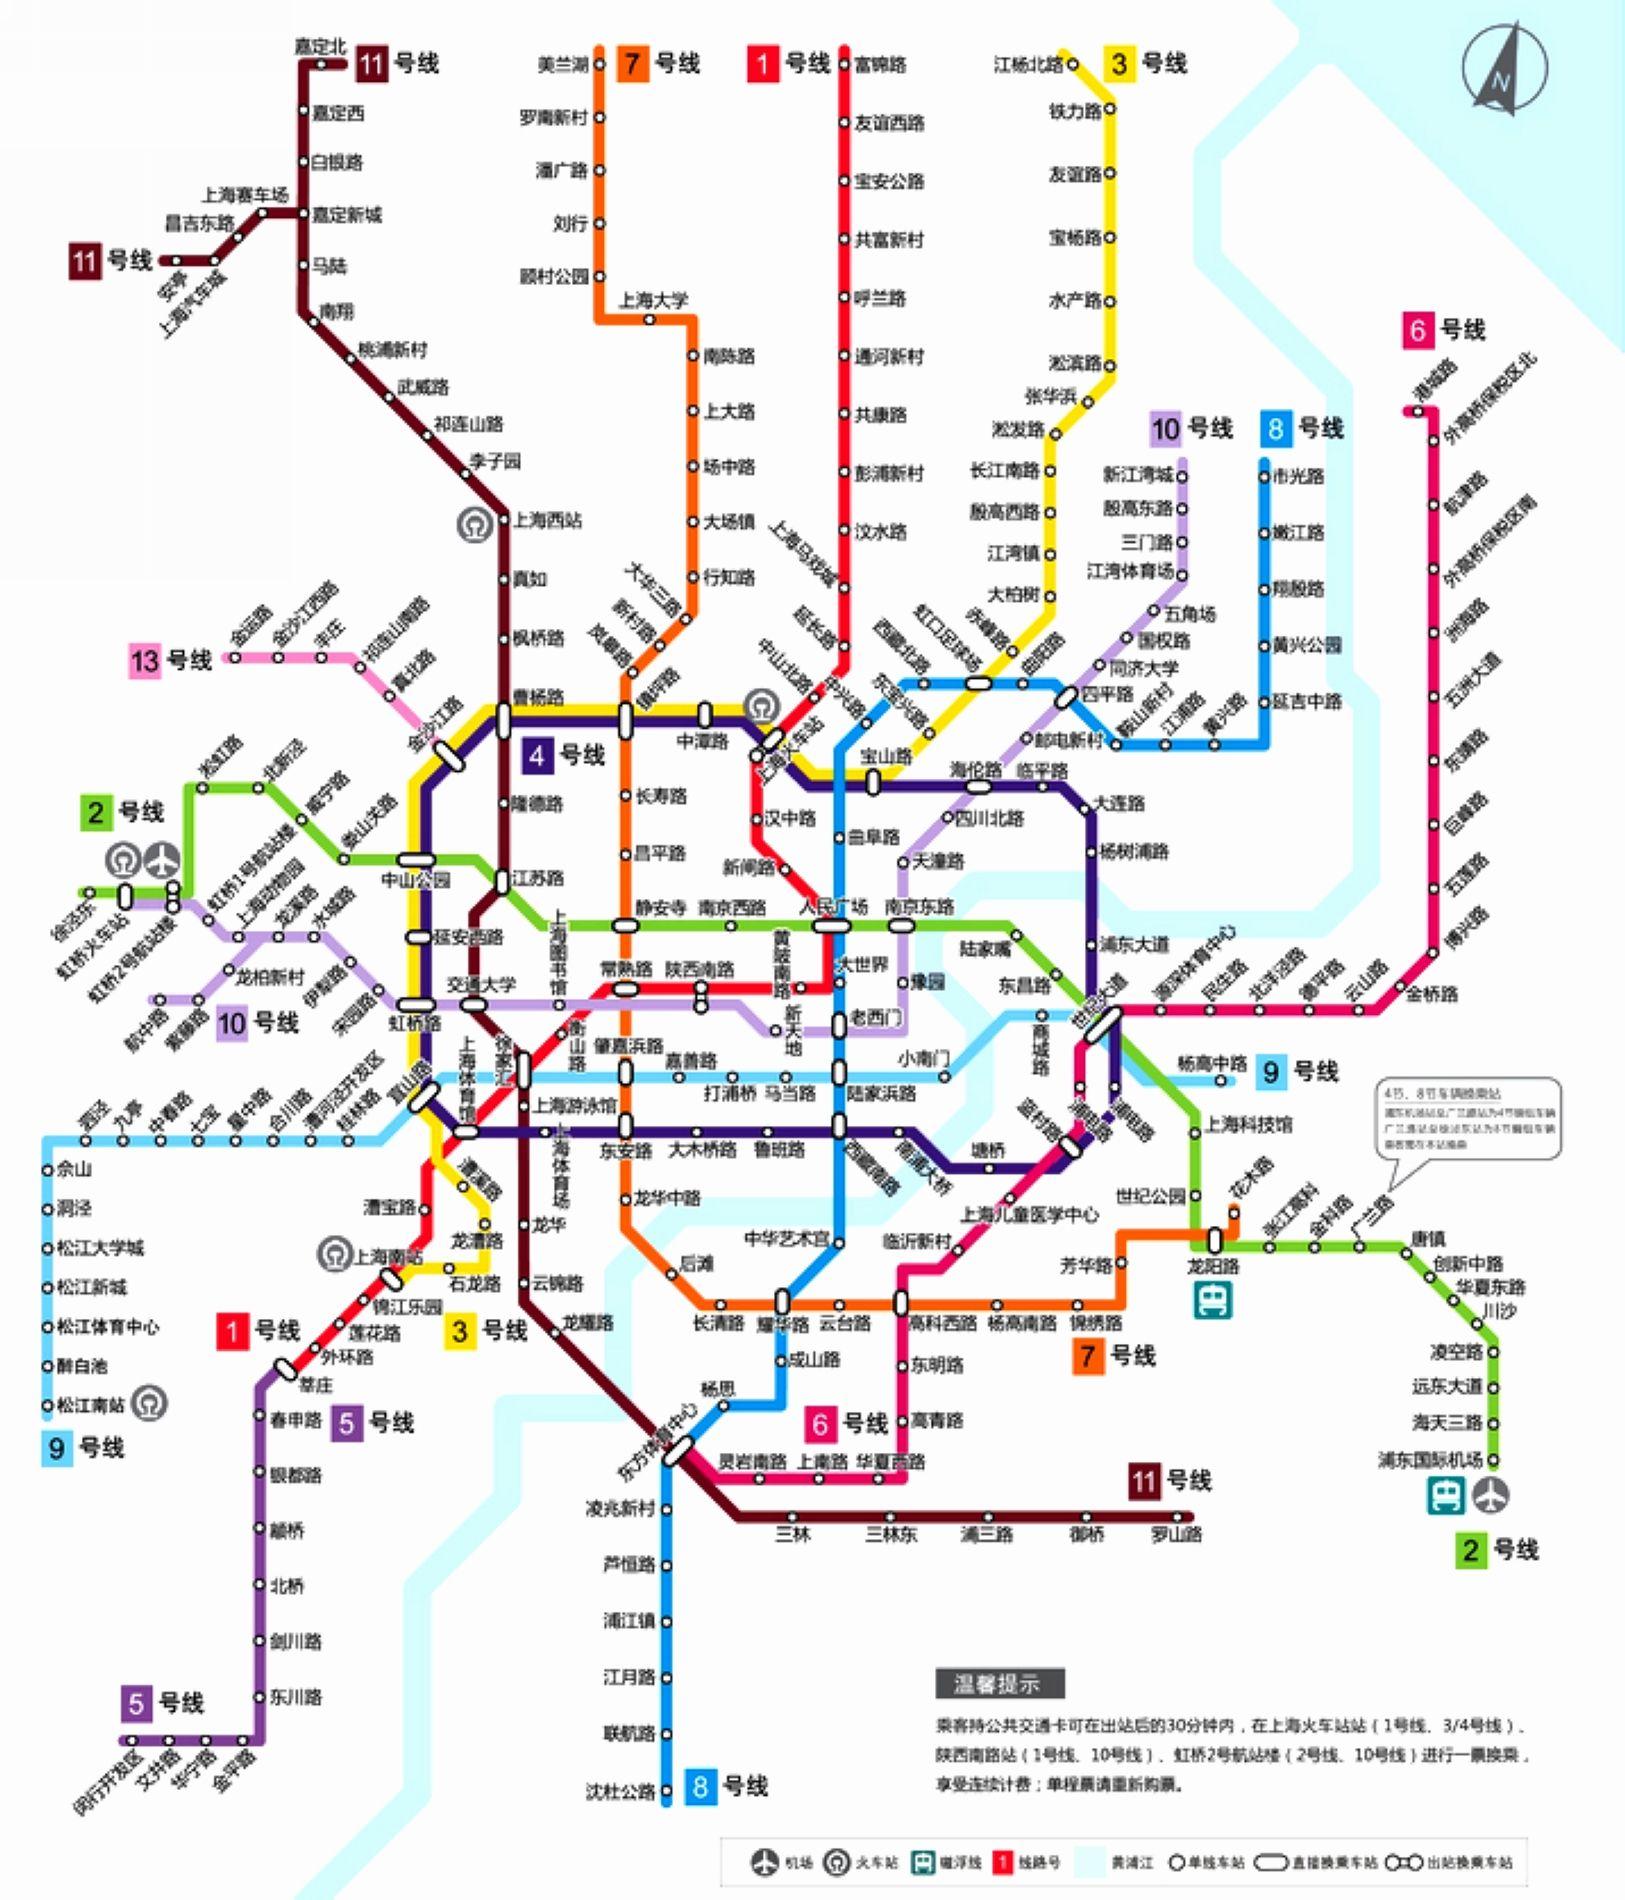 上海轨交22号线_要一份上海市地铁地图_百度知道